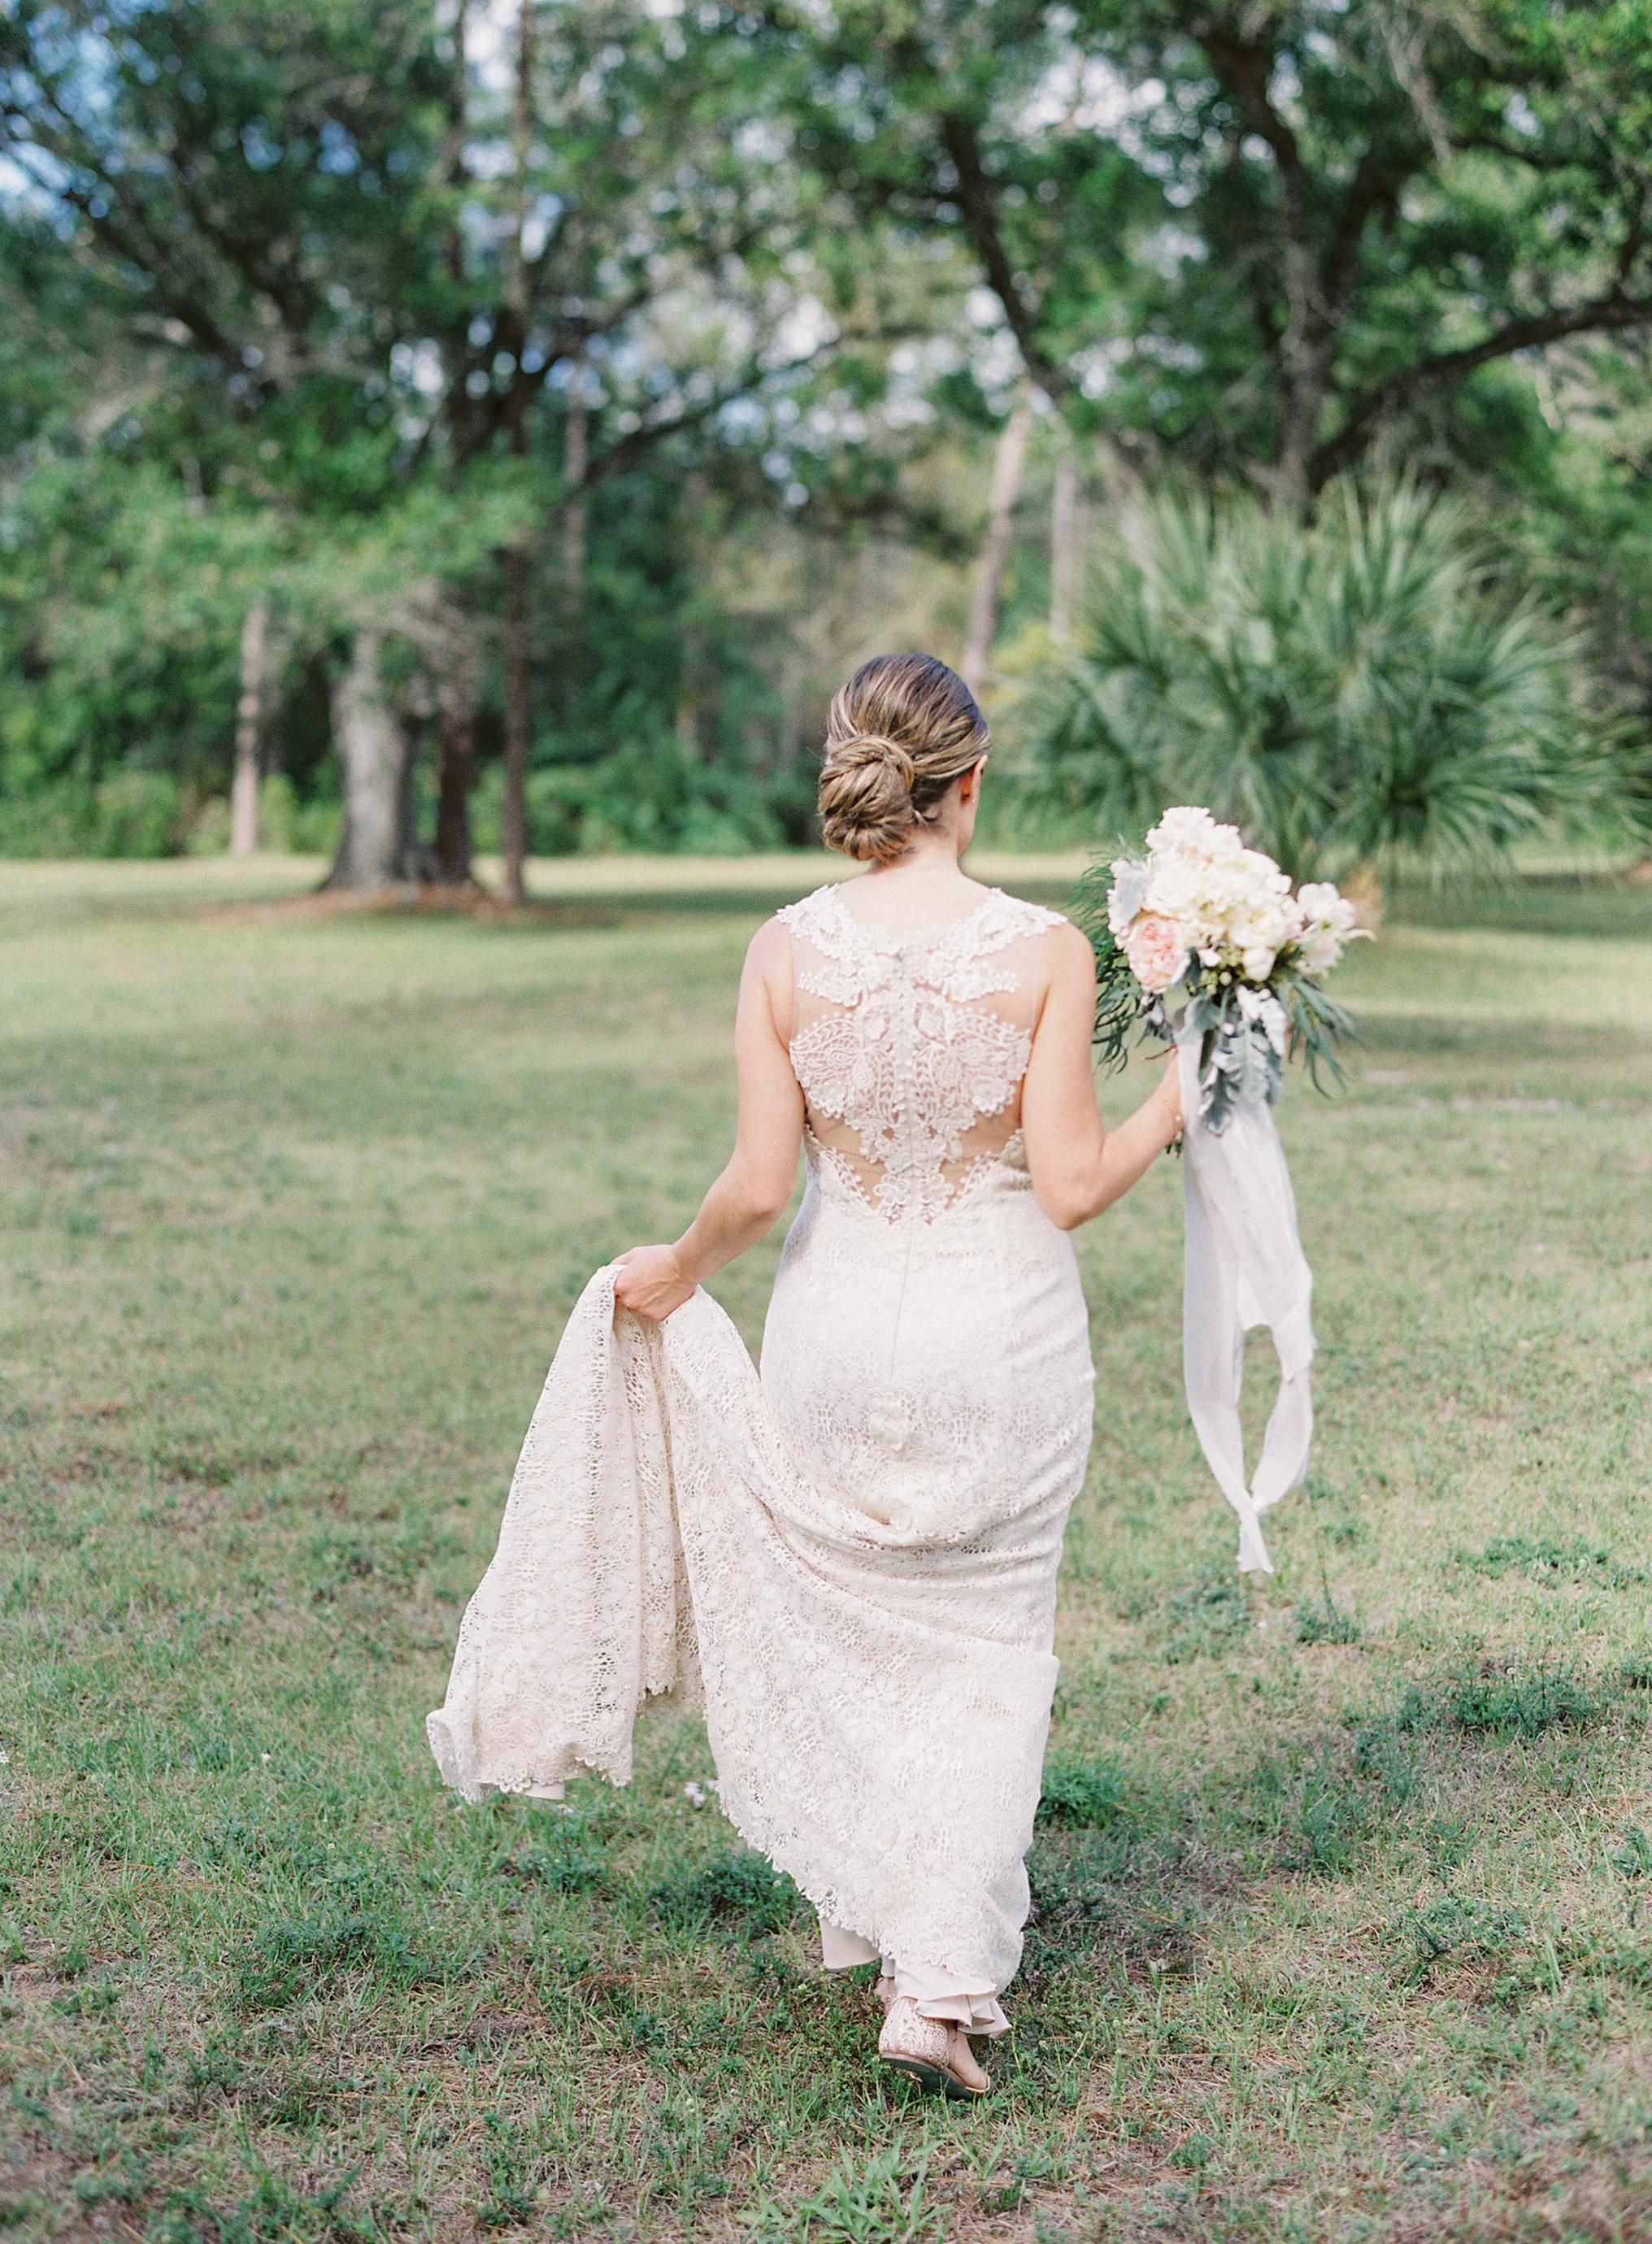 bridegroom_014.jpg